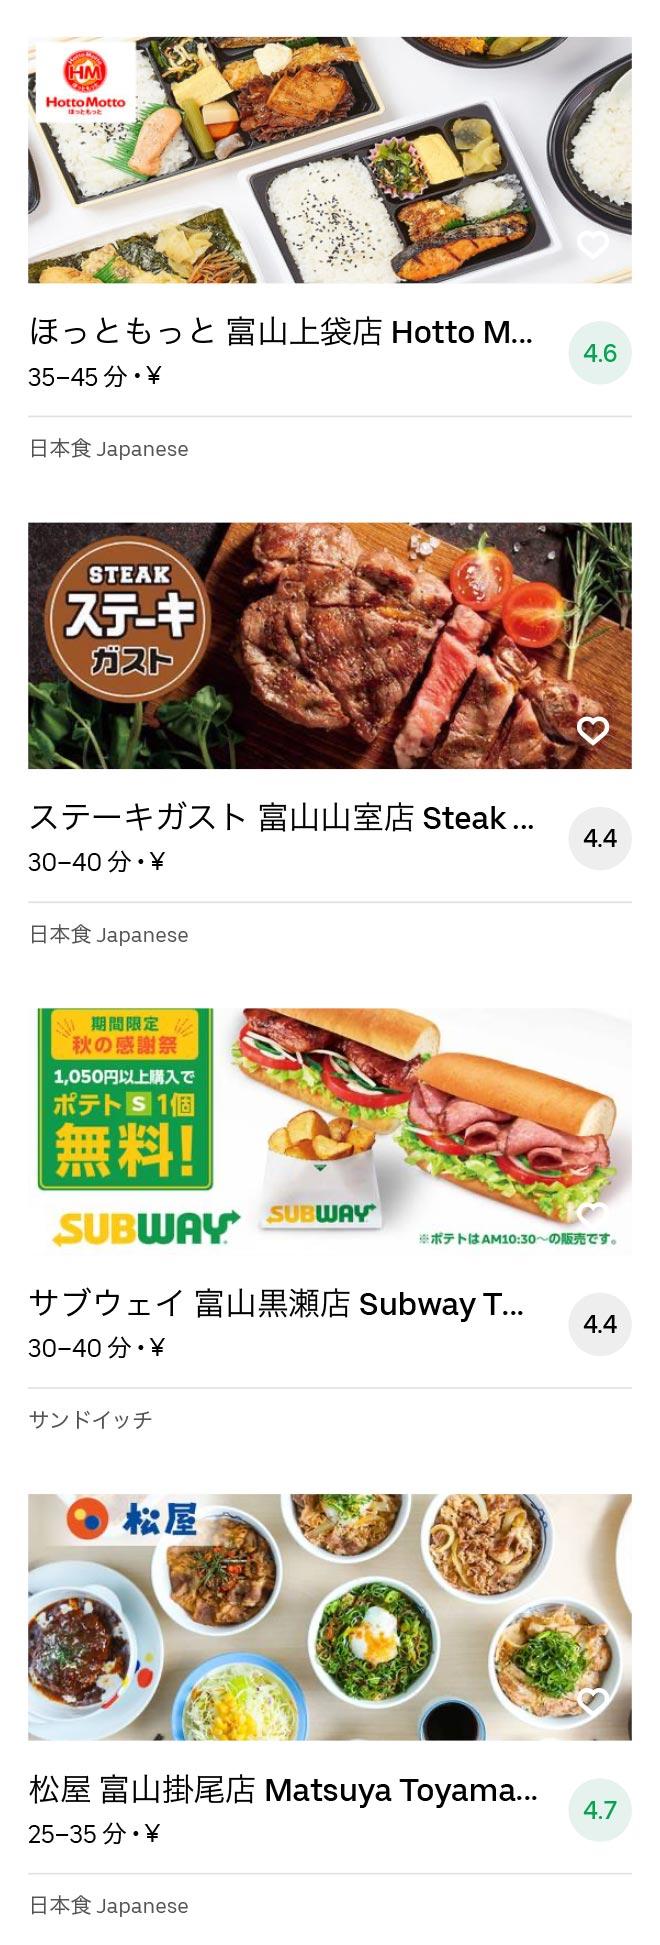 Minami toyama menu 2009 04